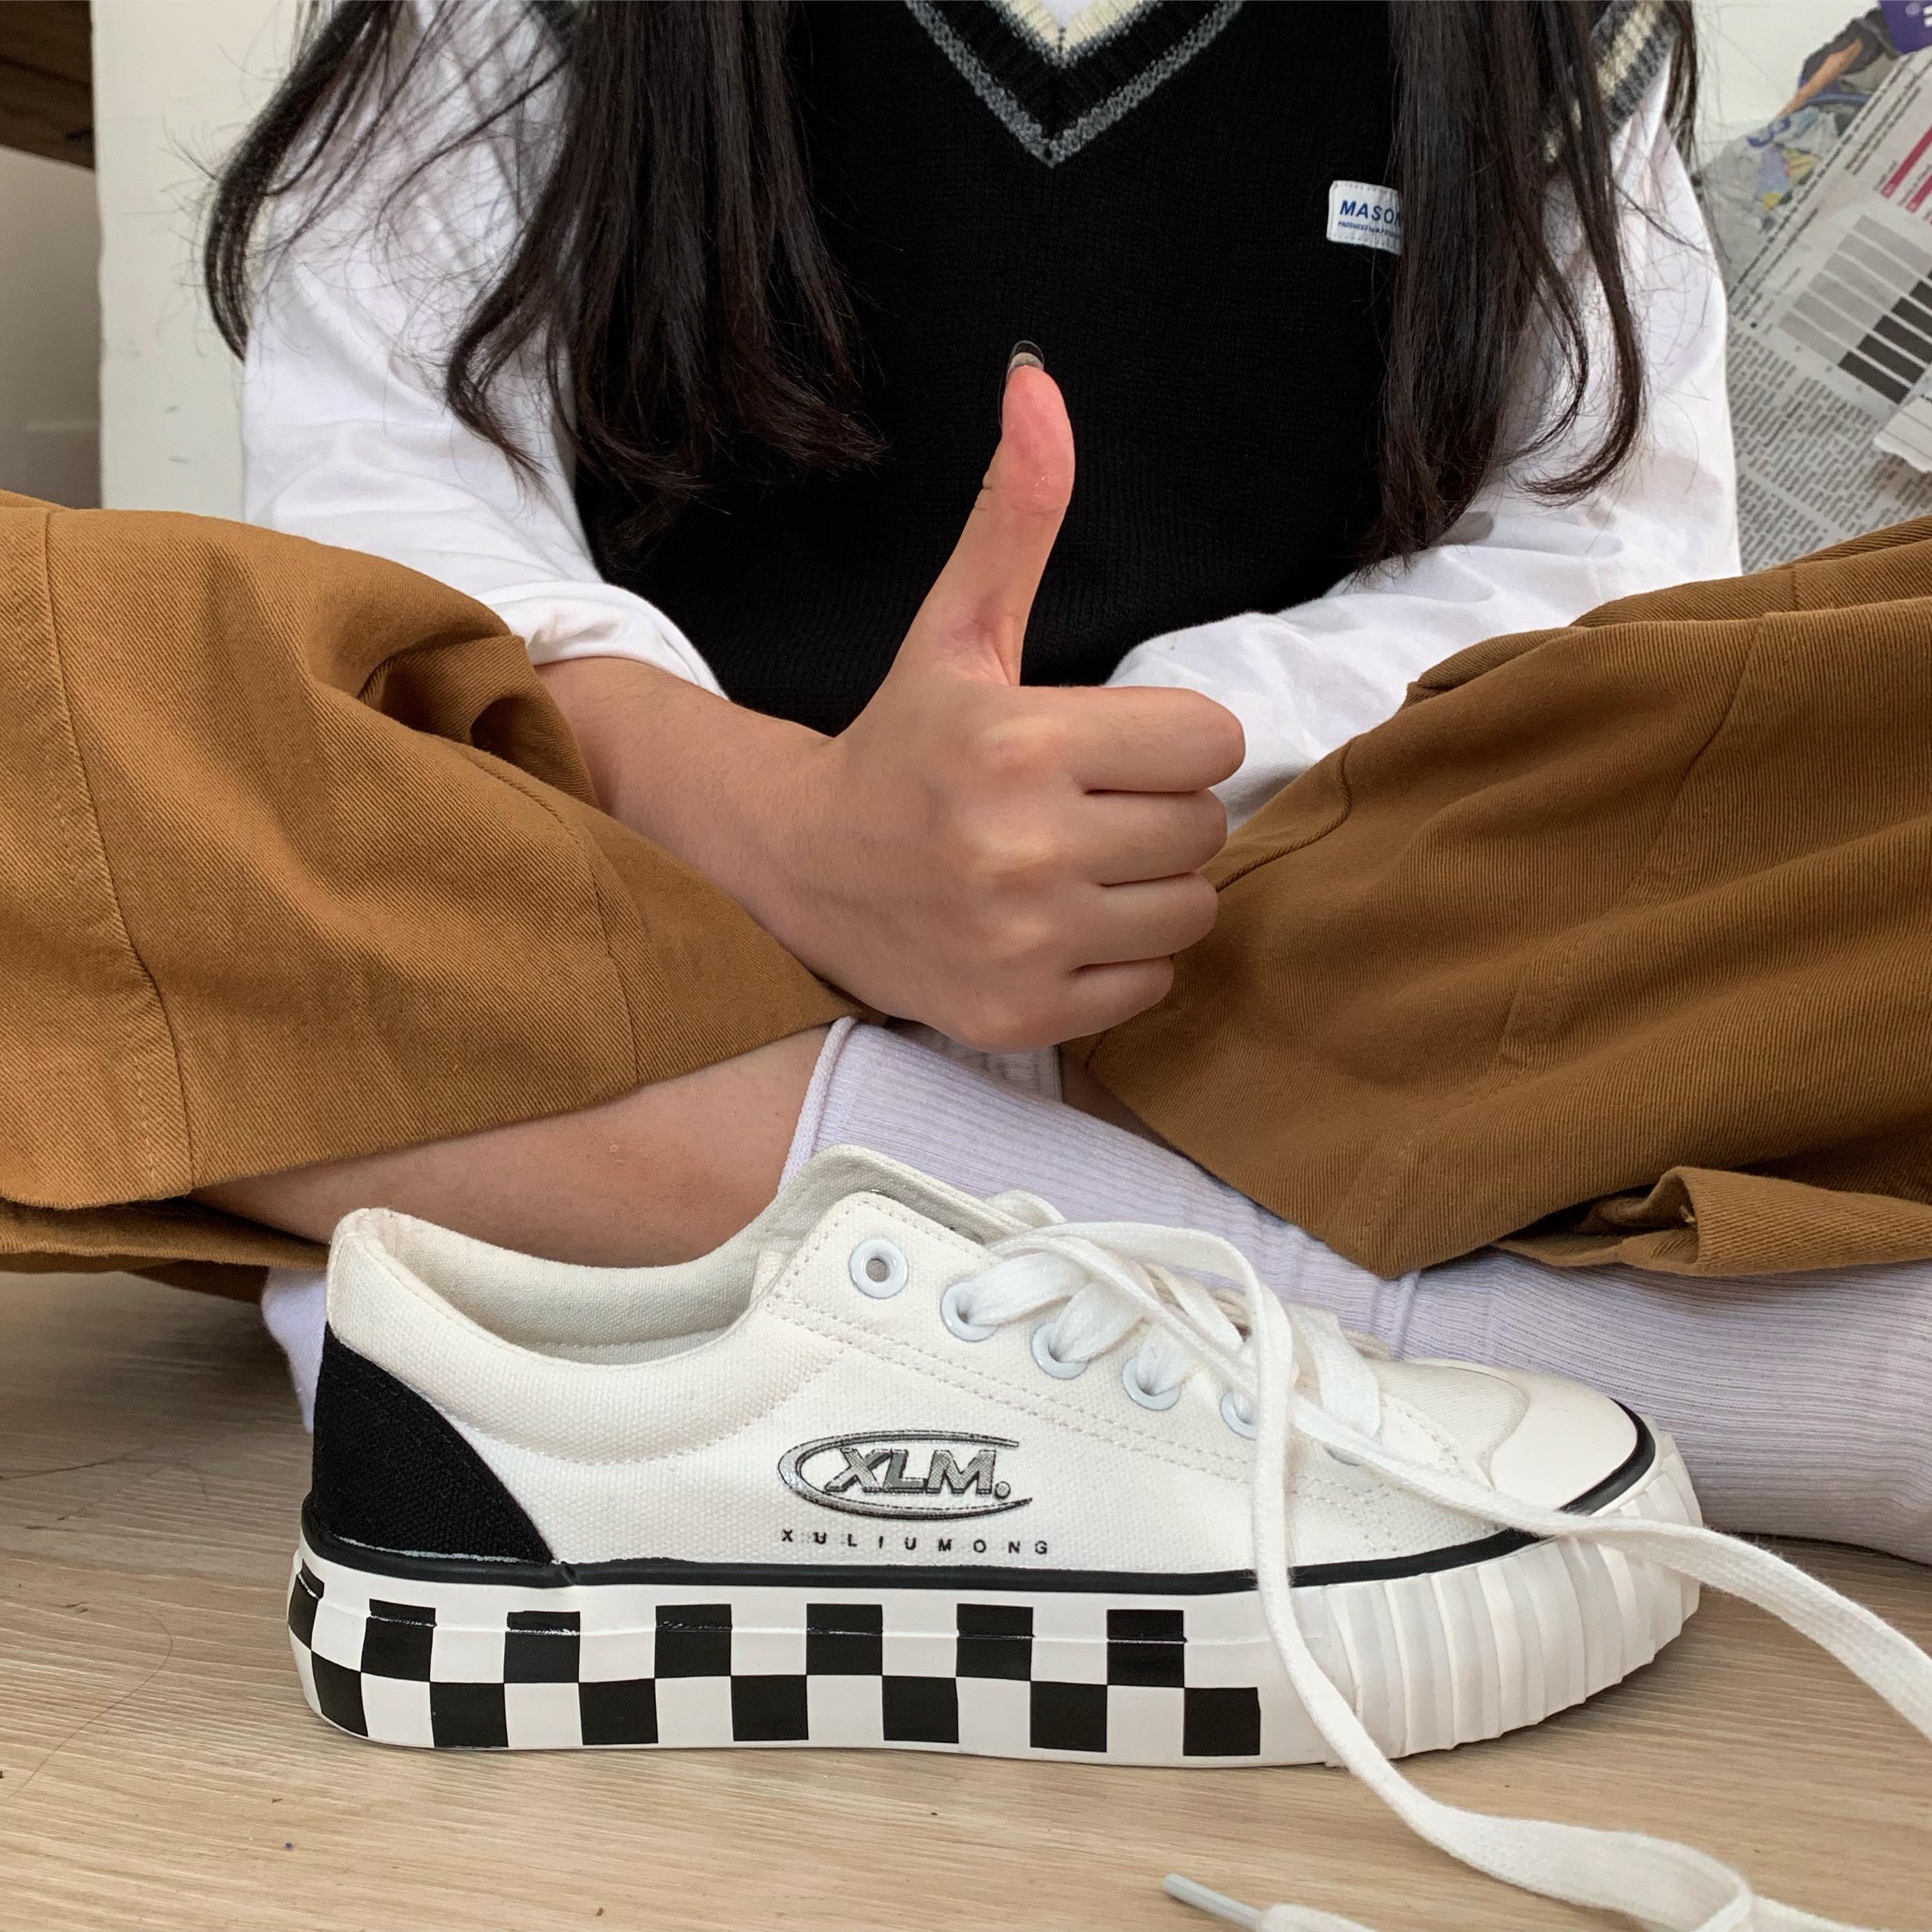 百搭秋季学生韩版帆布鞋小白鞋ins印花3D象征许刘芒成员身份